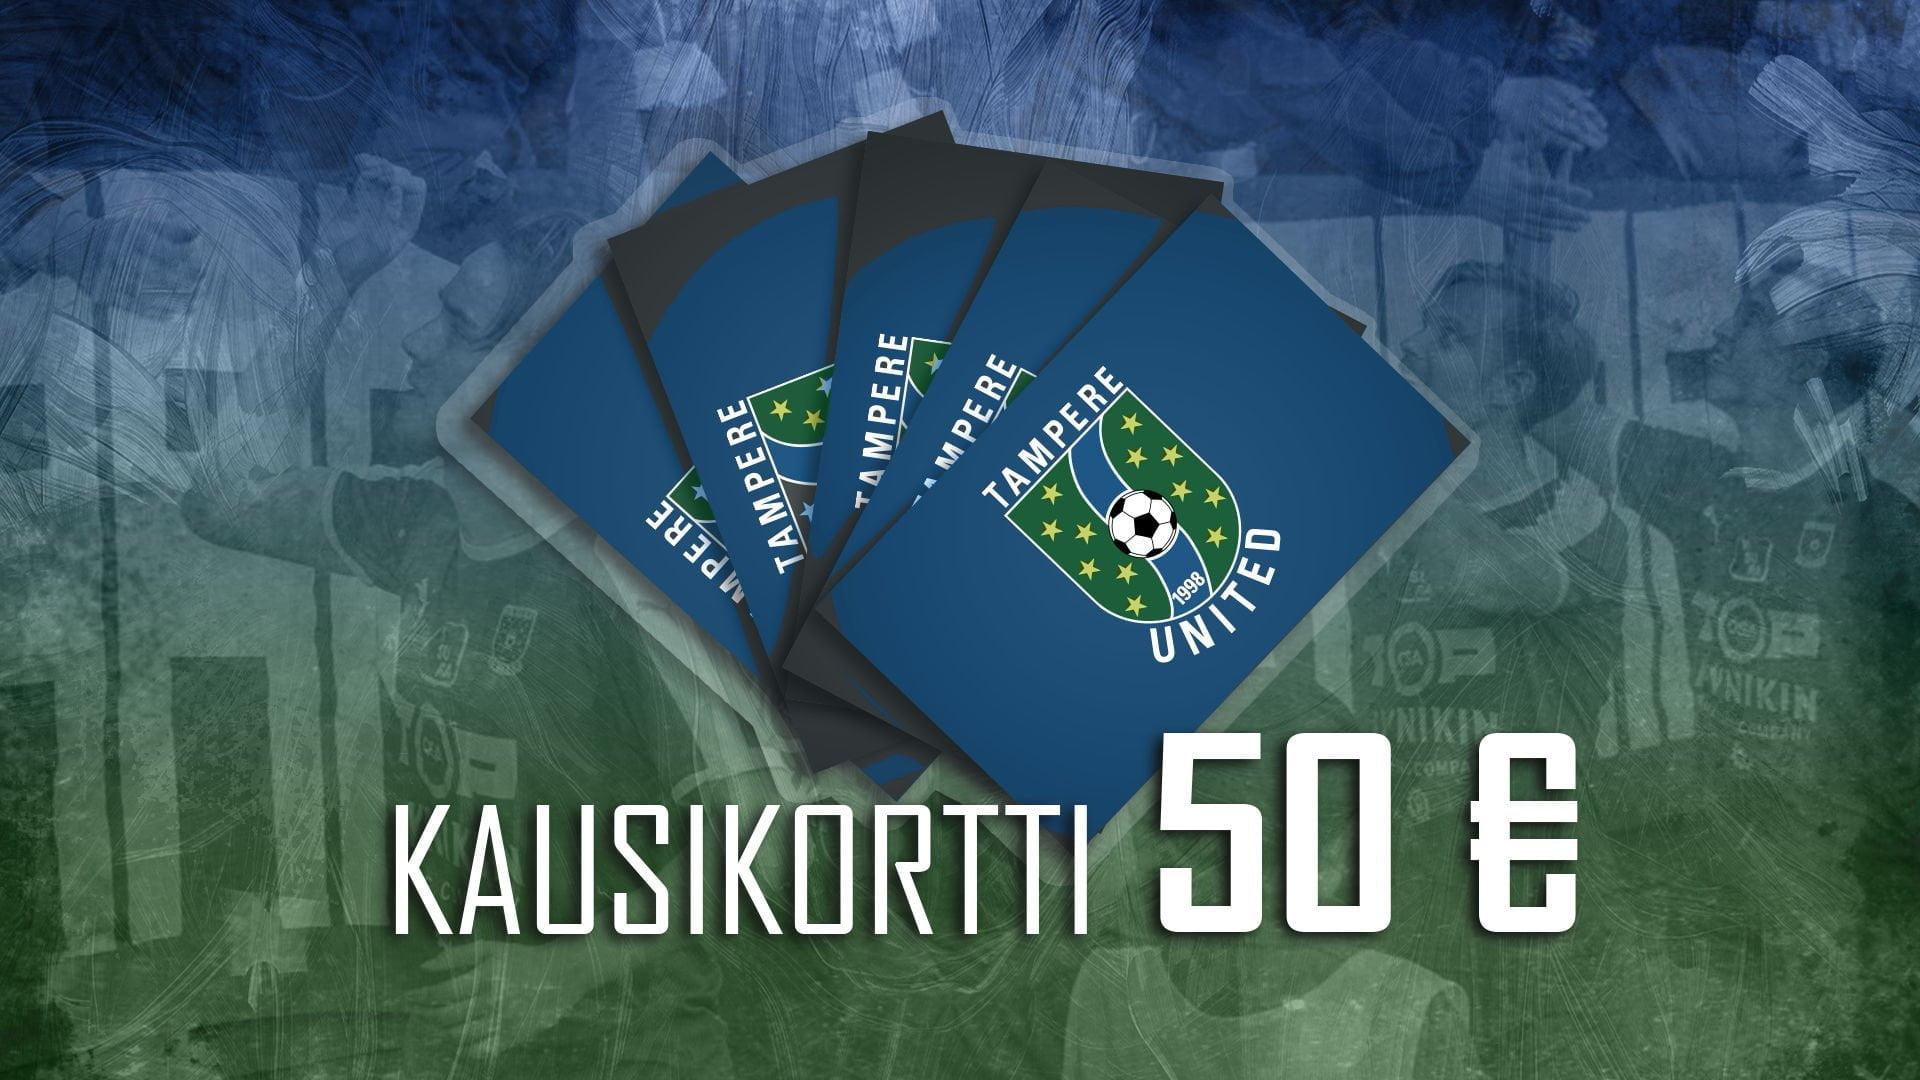 Kausikorttikampanjassa alkaa uusi vaihe – hinta 50 € seuraavaan sopimusuutiseen asti -uutiskuva